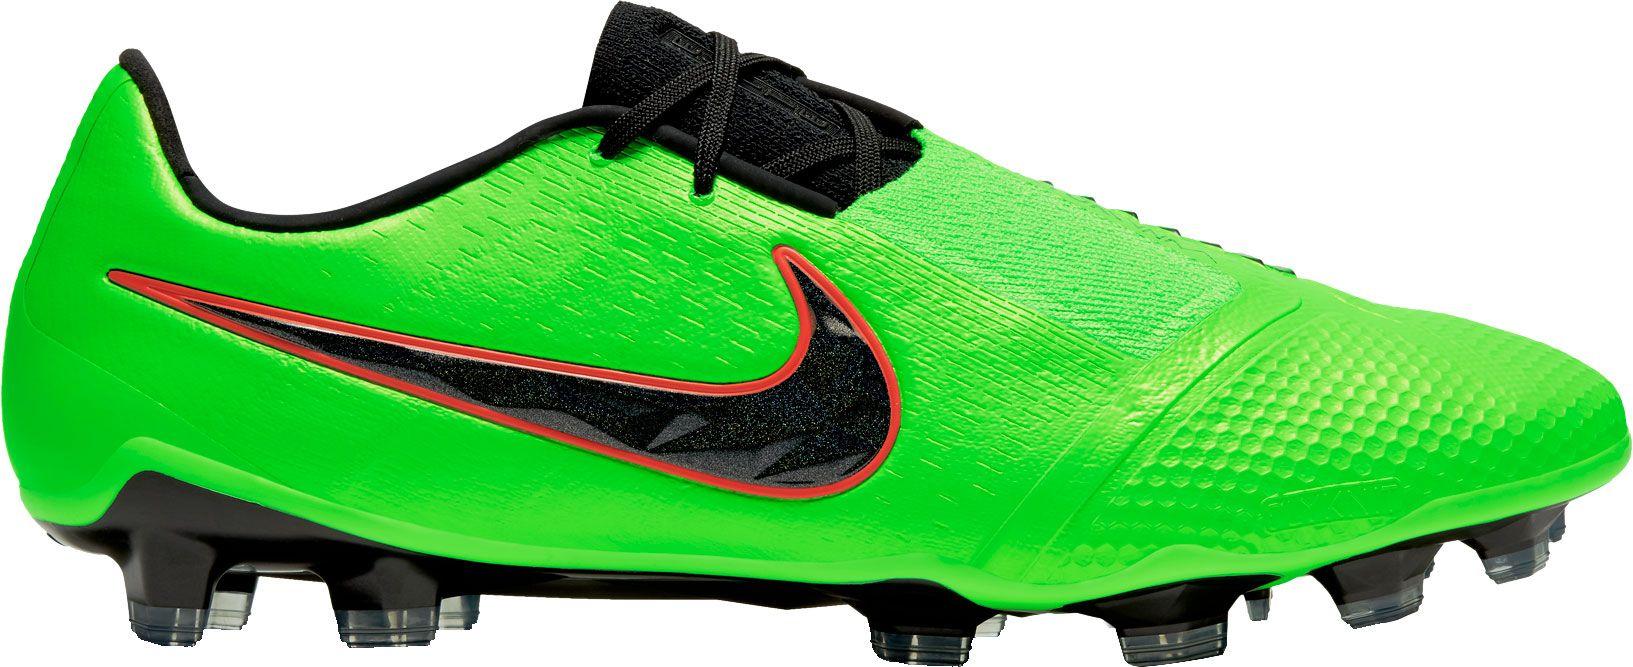 Nike Phantom Venom Elite FG Soccer Cleats, Men's, Green